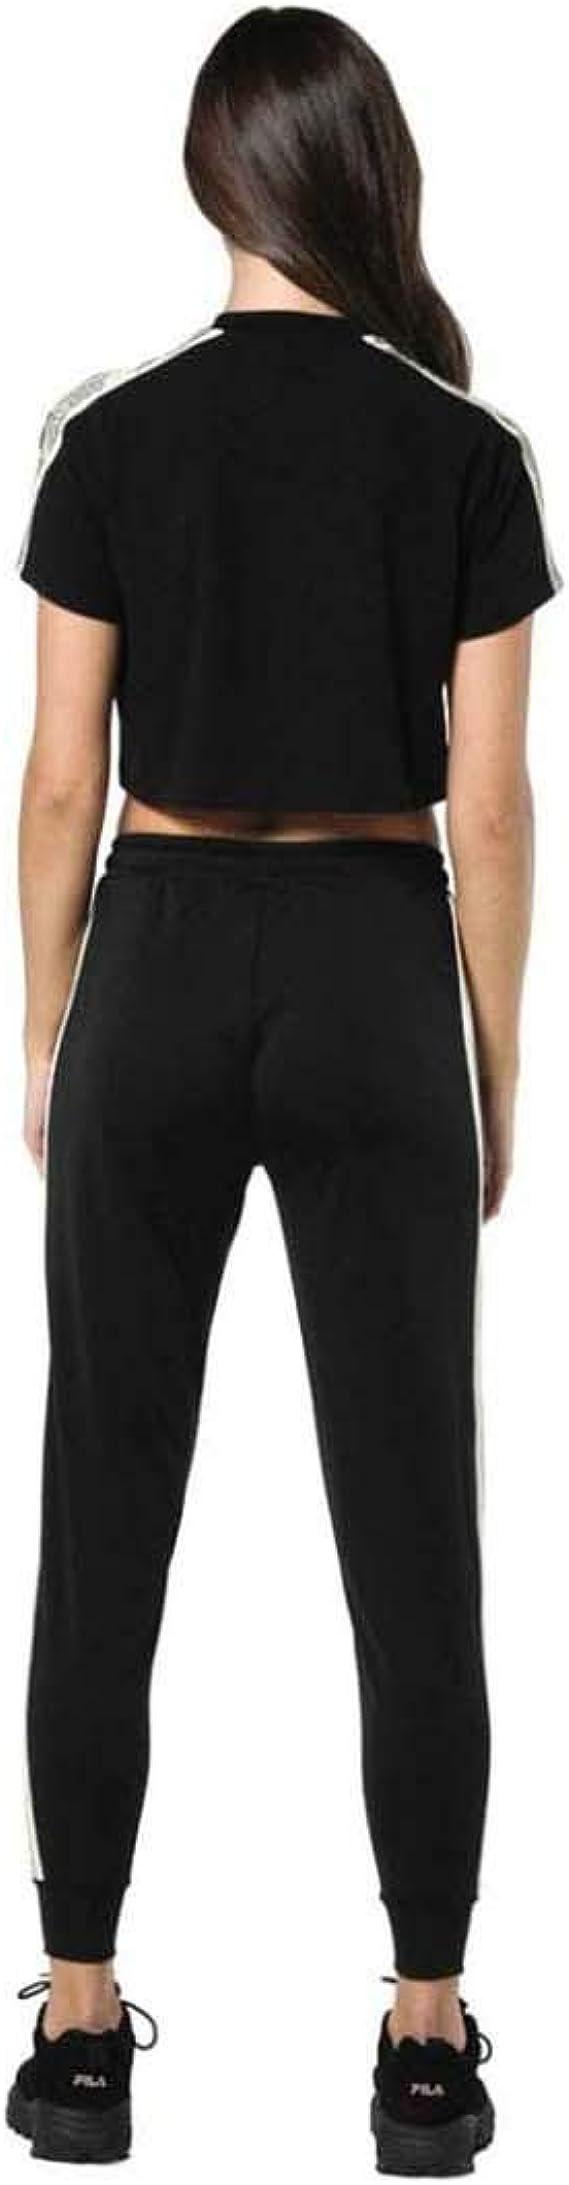 Sik Silk Camiseta Cropped Runner Tape tee Black Muj M Negro ...